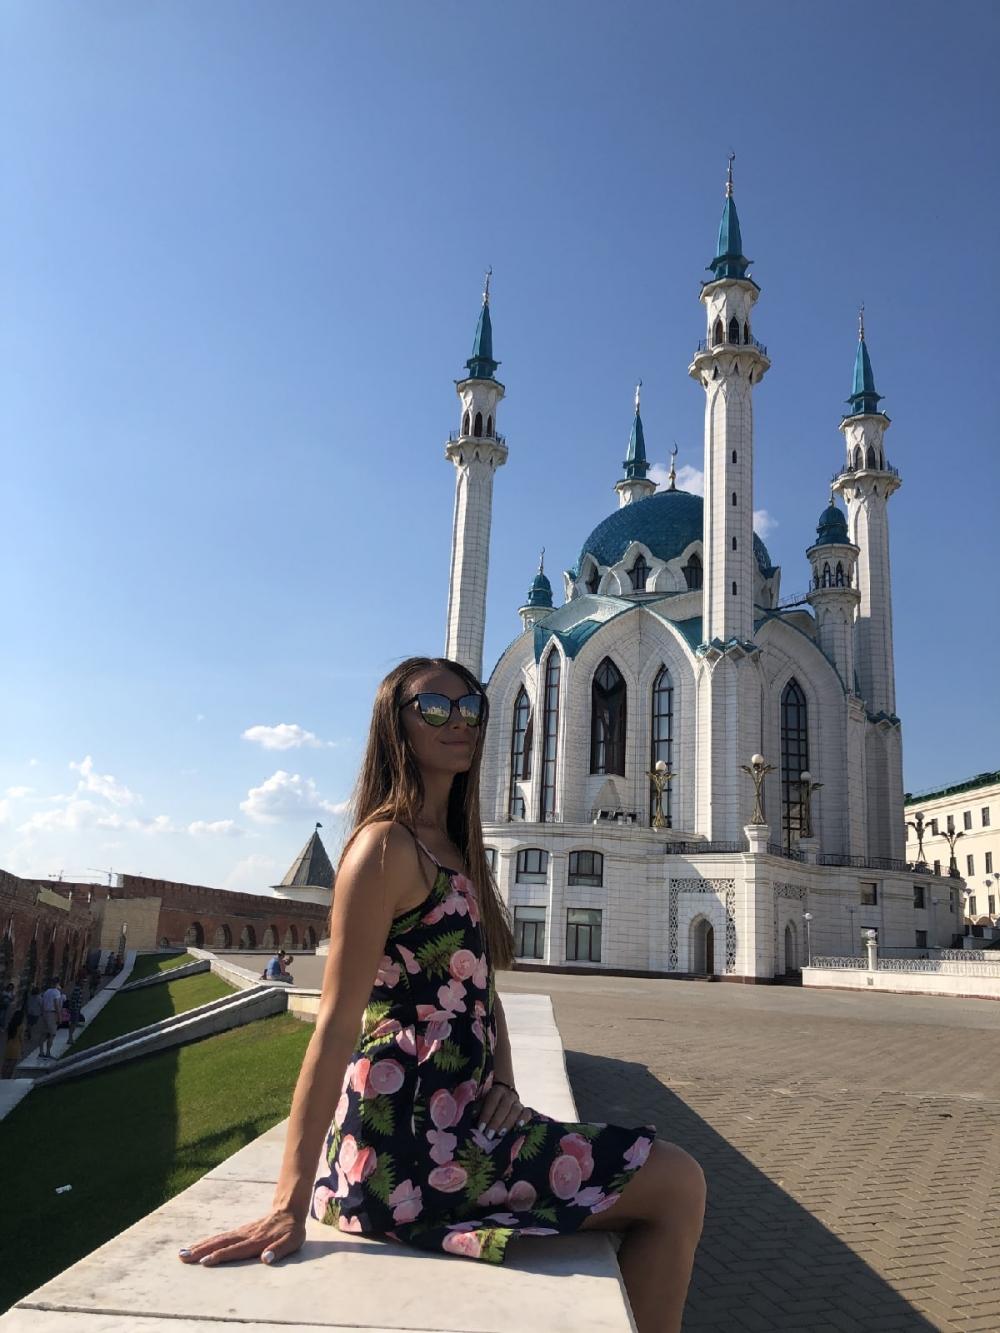 Мечеть Кул Шариф является главной достопримечательностью Казани: чтобы на неё посмотреть, туристы приезжают из разных регионов России.